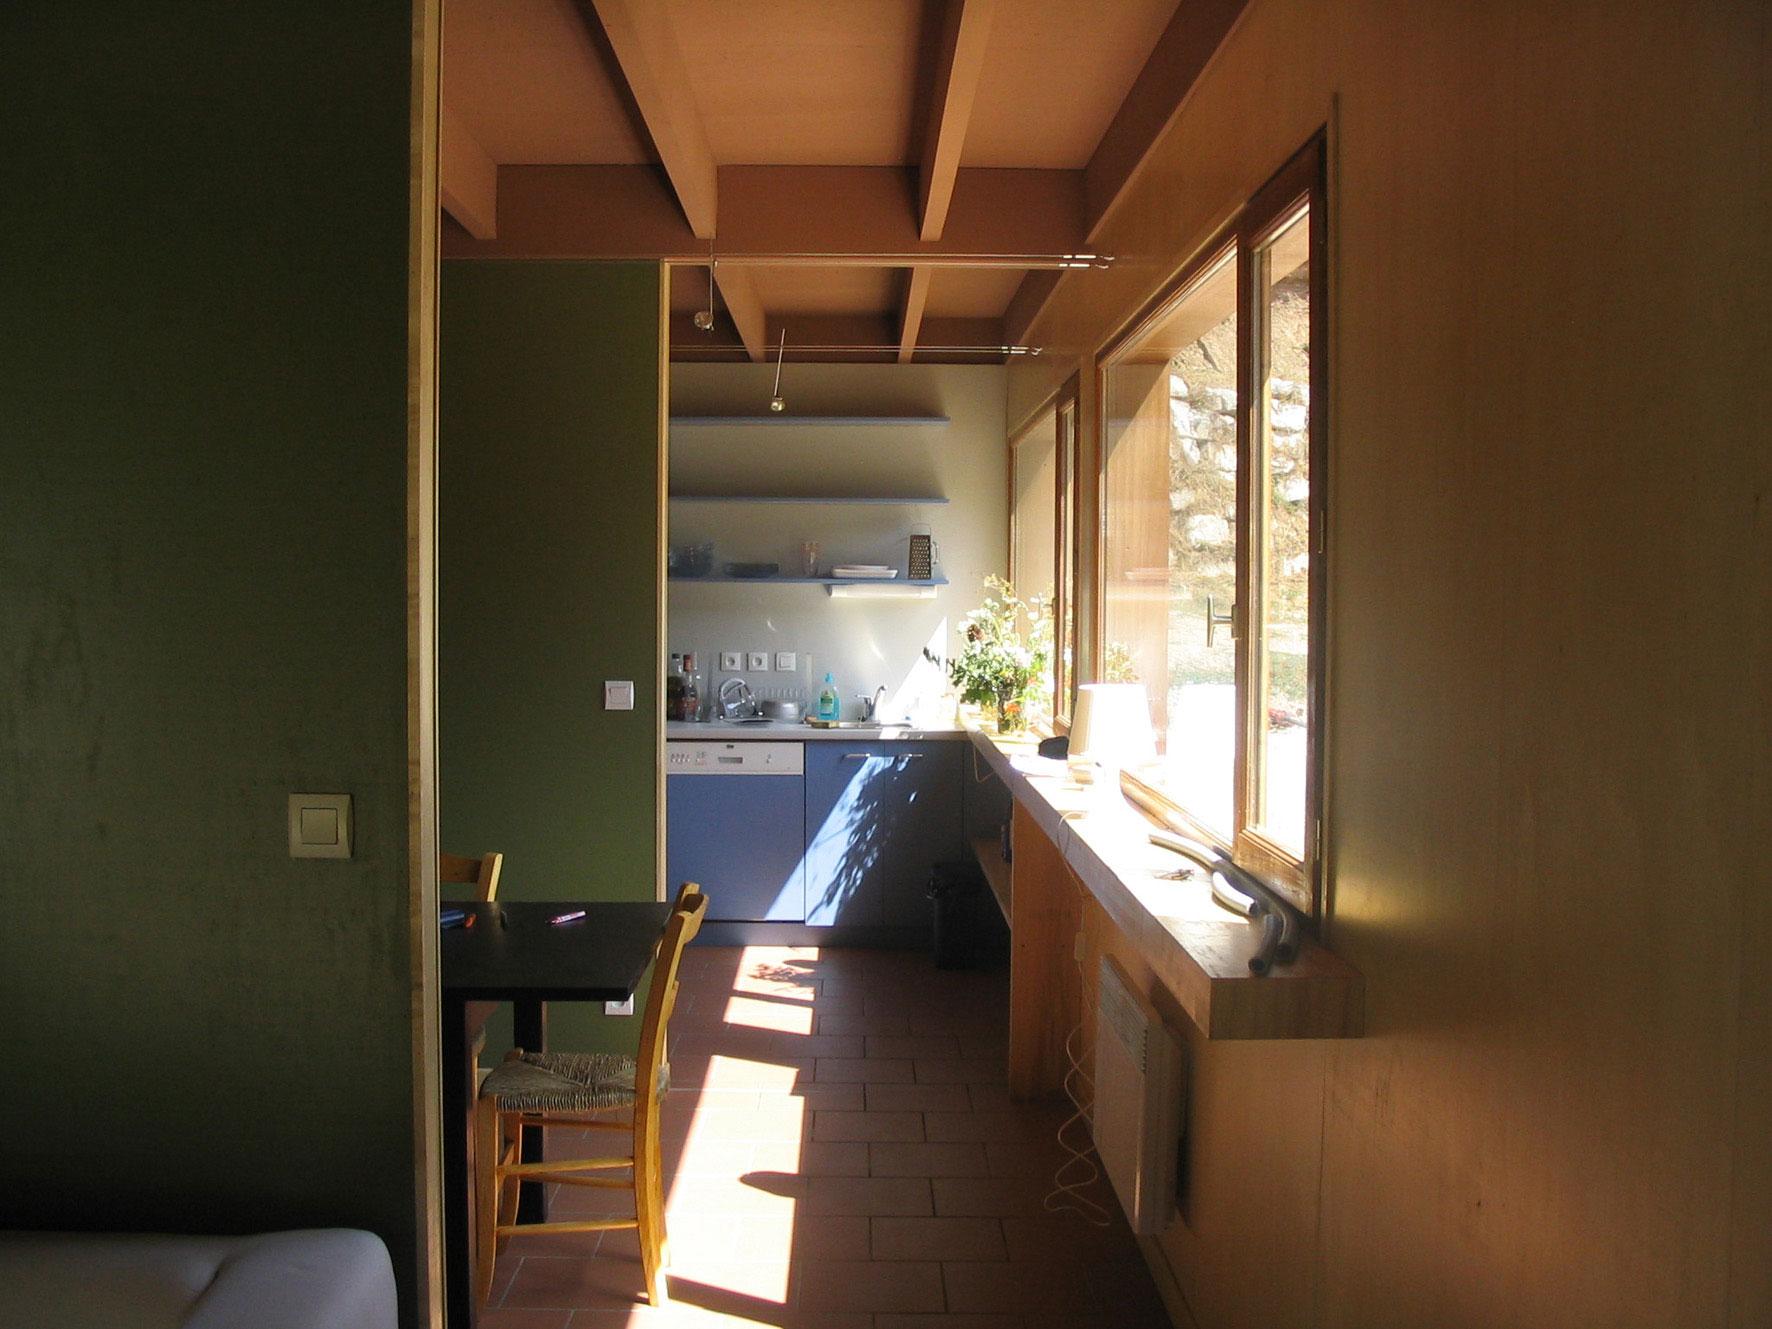 gites-commun-architecture-bois-interieurs-05